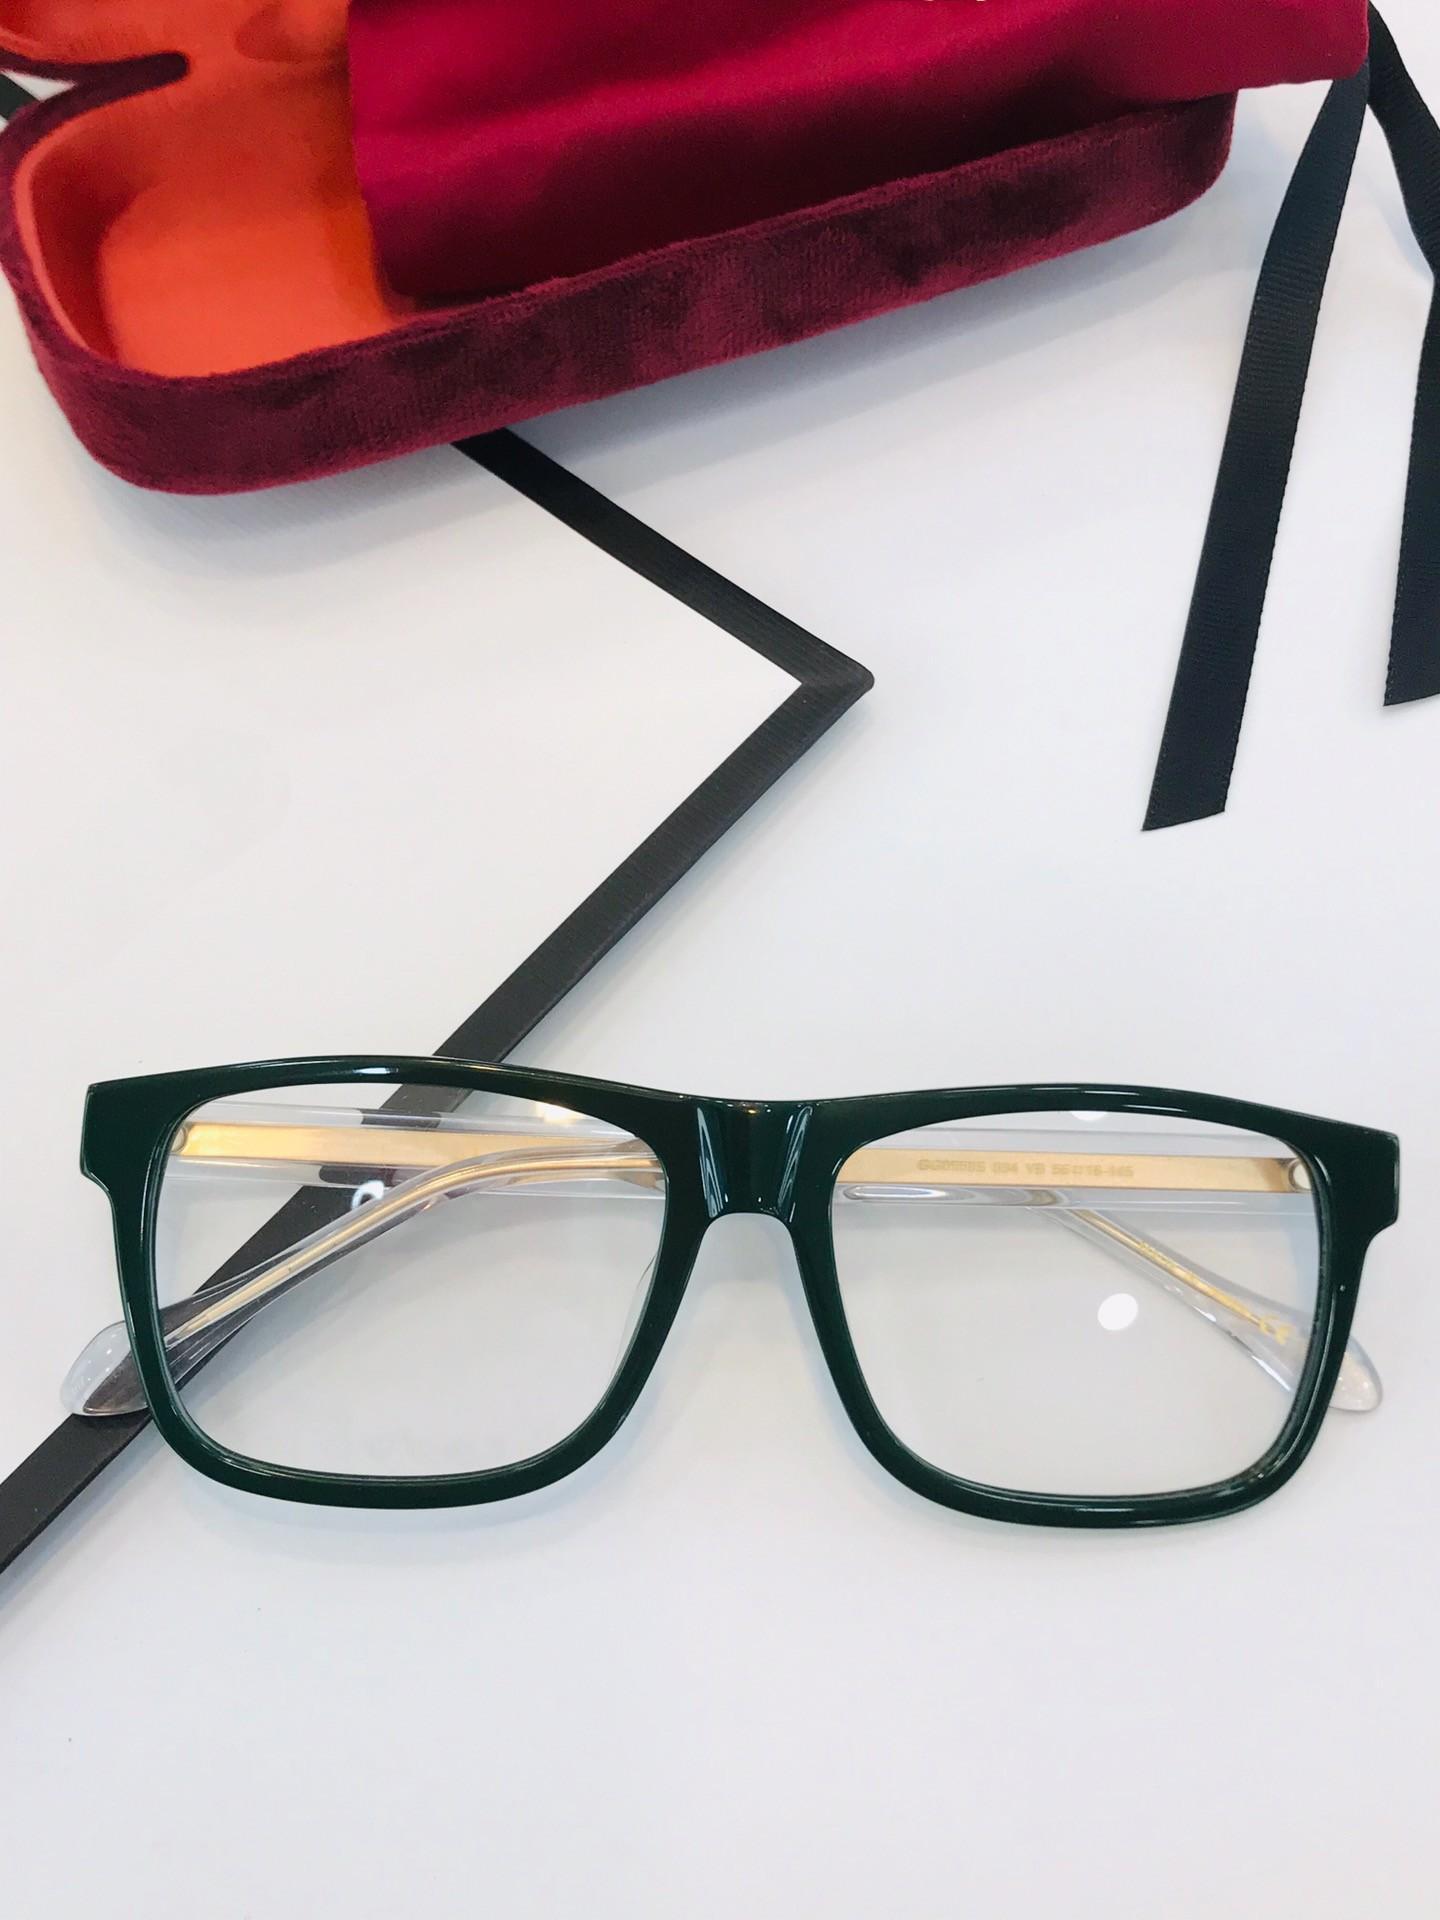 النظارات الجديدة إطار 0558 النظارات النظارات الإطار لإطار الرجال النساء قصر النظر نظارات عدسة واضحة مع صندوق أصلي